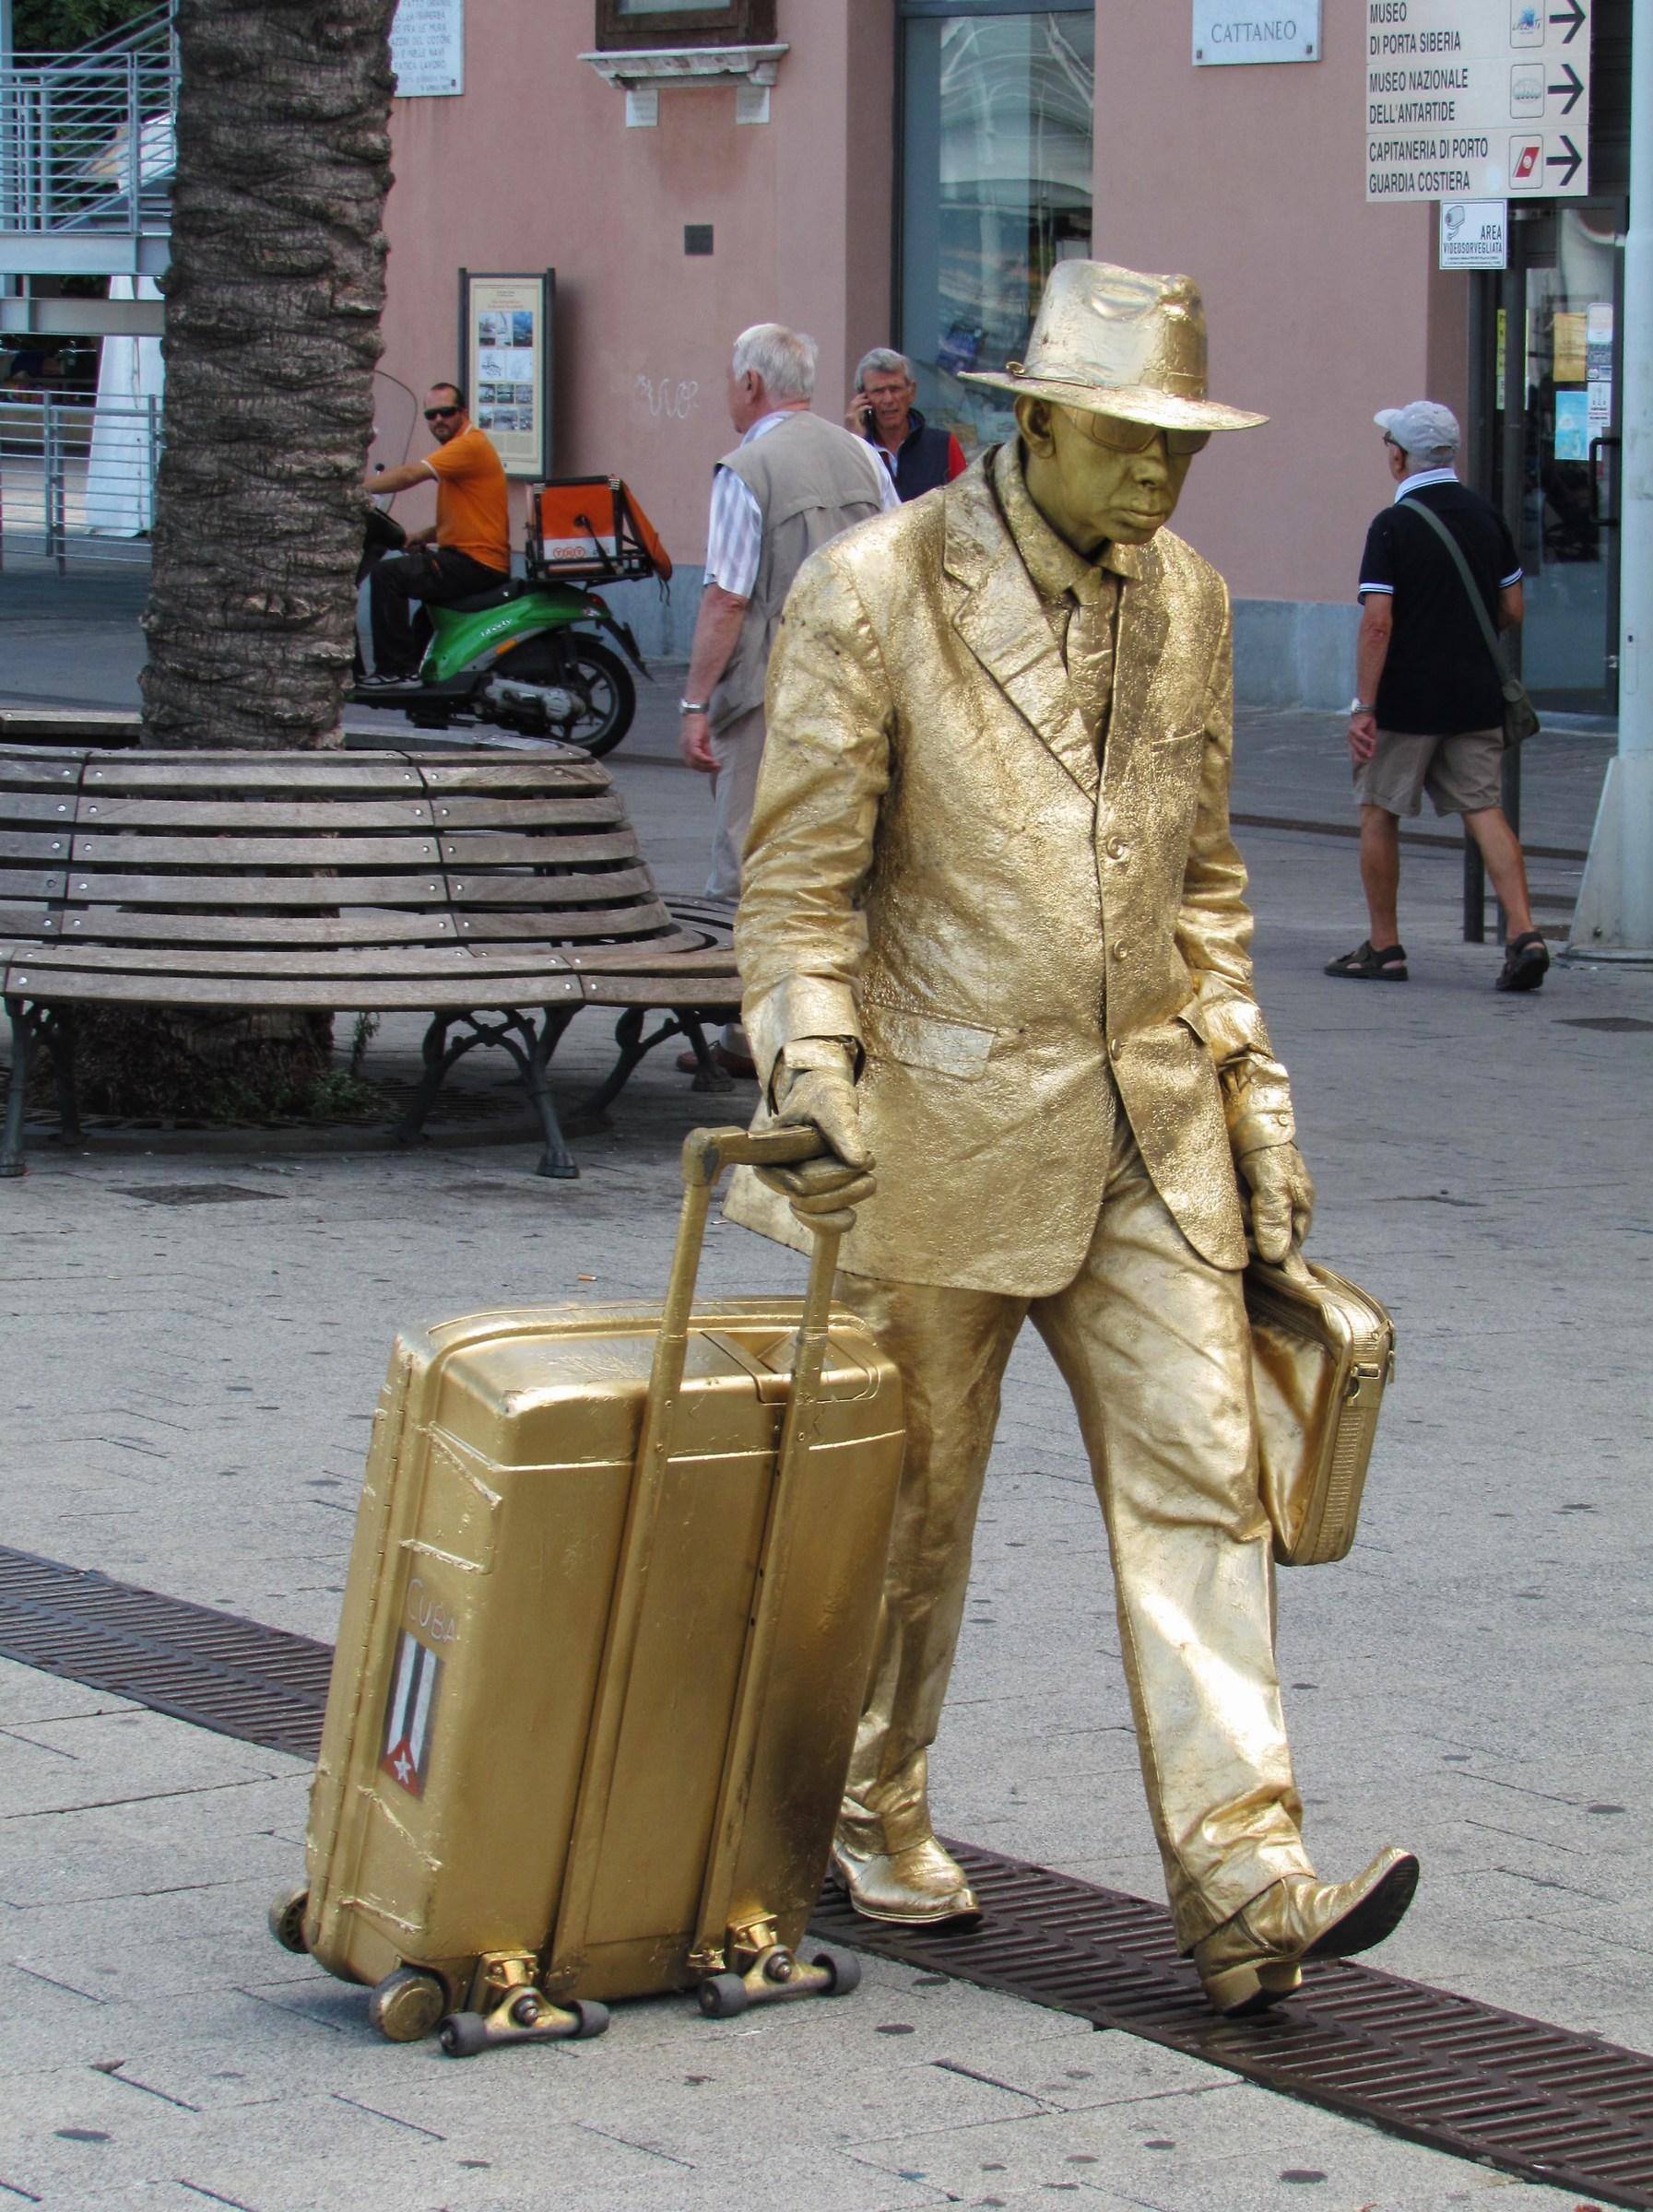 Street artist ......